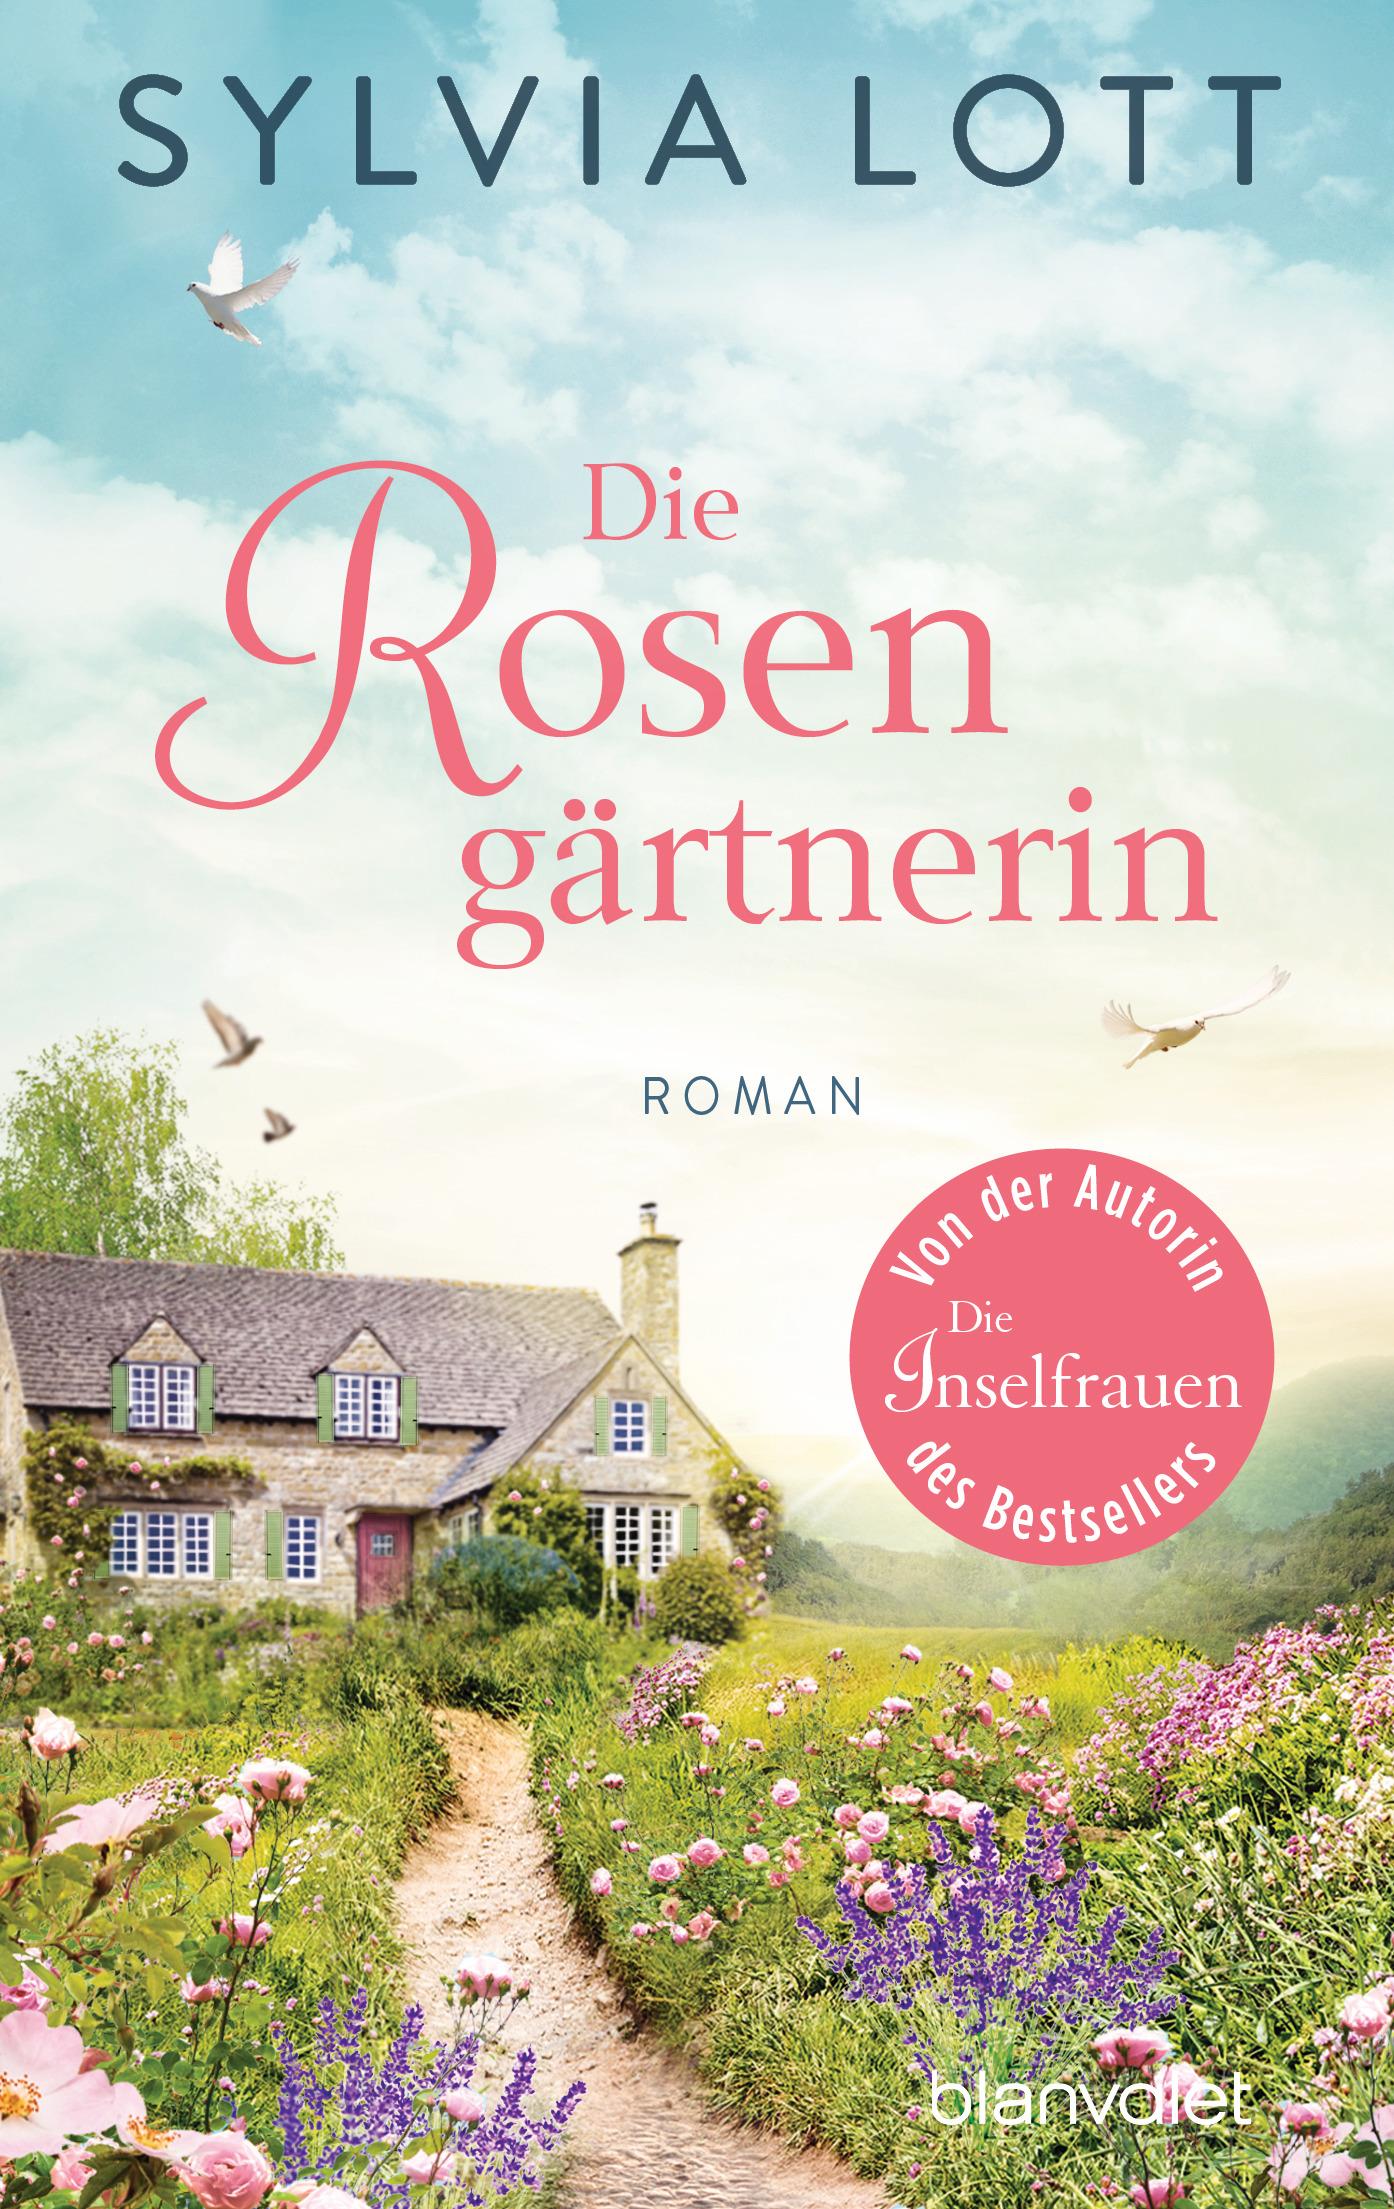 """""""Die Rosengärtnerin"""" – der neue Roman von Sylvia Lott"""